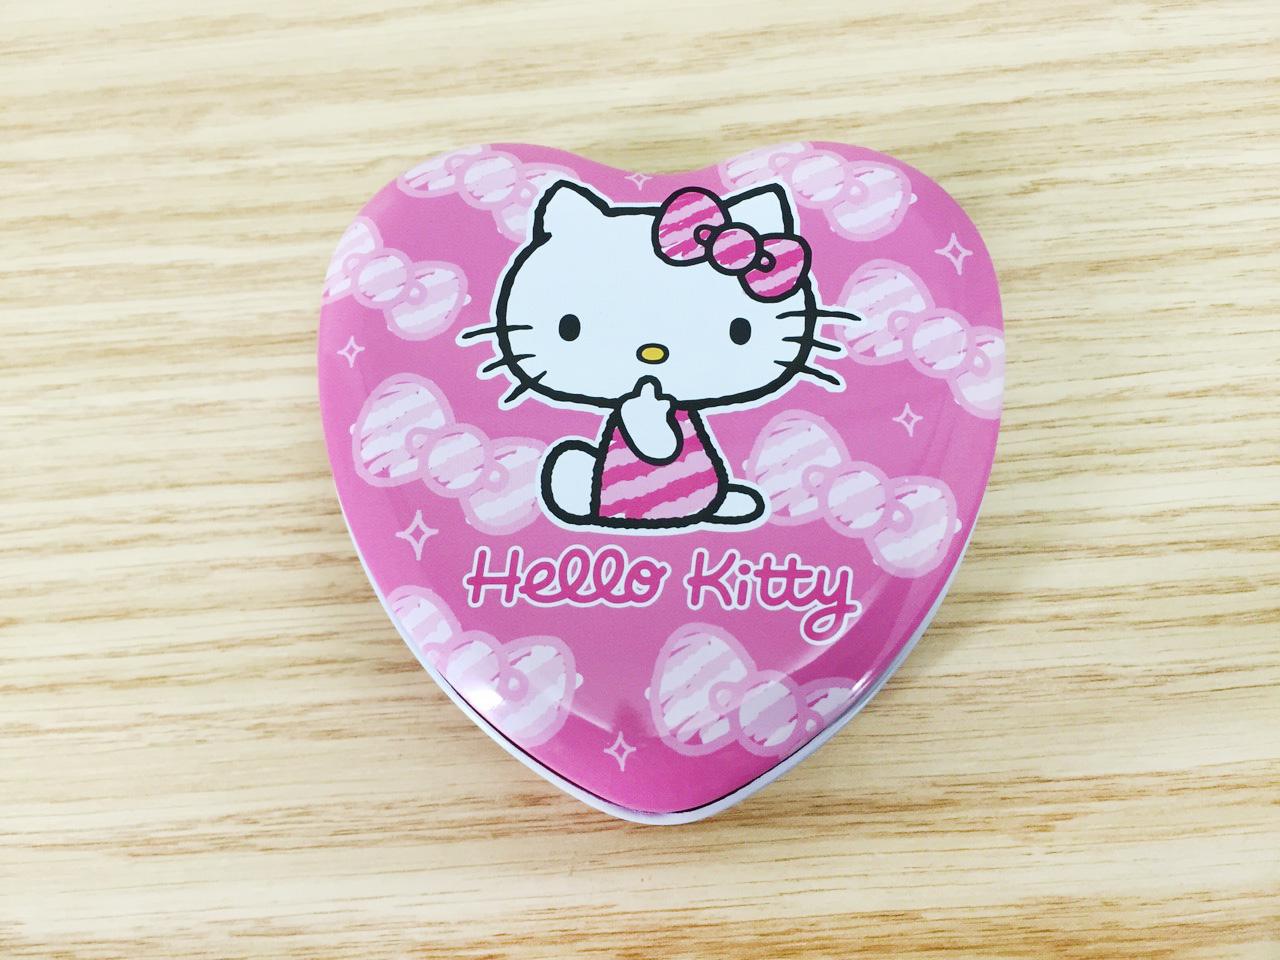 【真愛日本】16011400031 心型鐵盒附便條-KT粉 KITTY 凱蒂貓 三麗鷗 文具 便條紙 MEMO